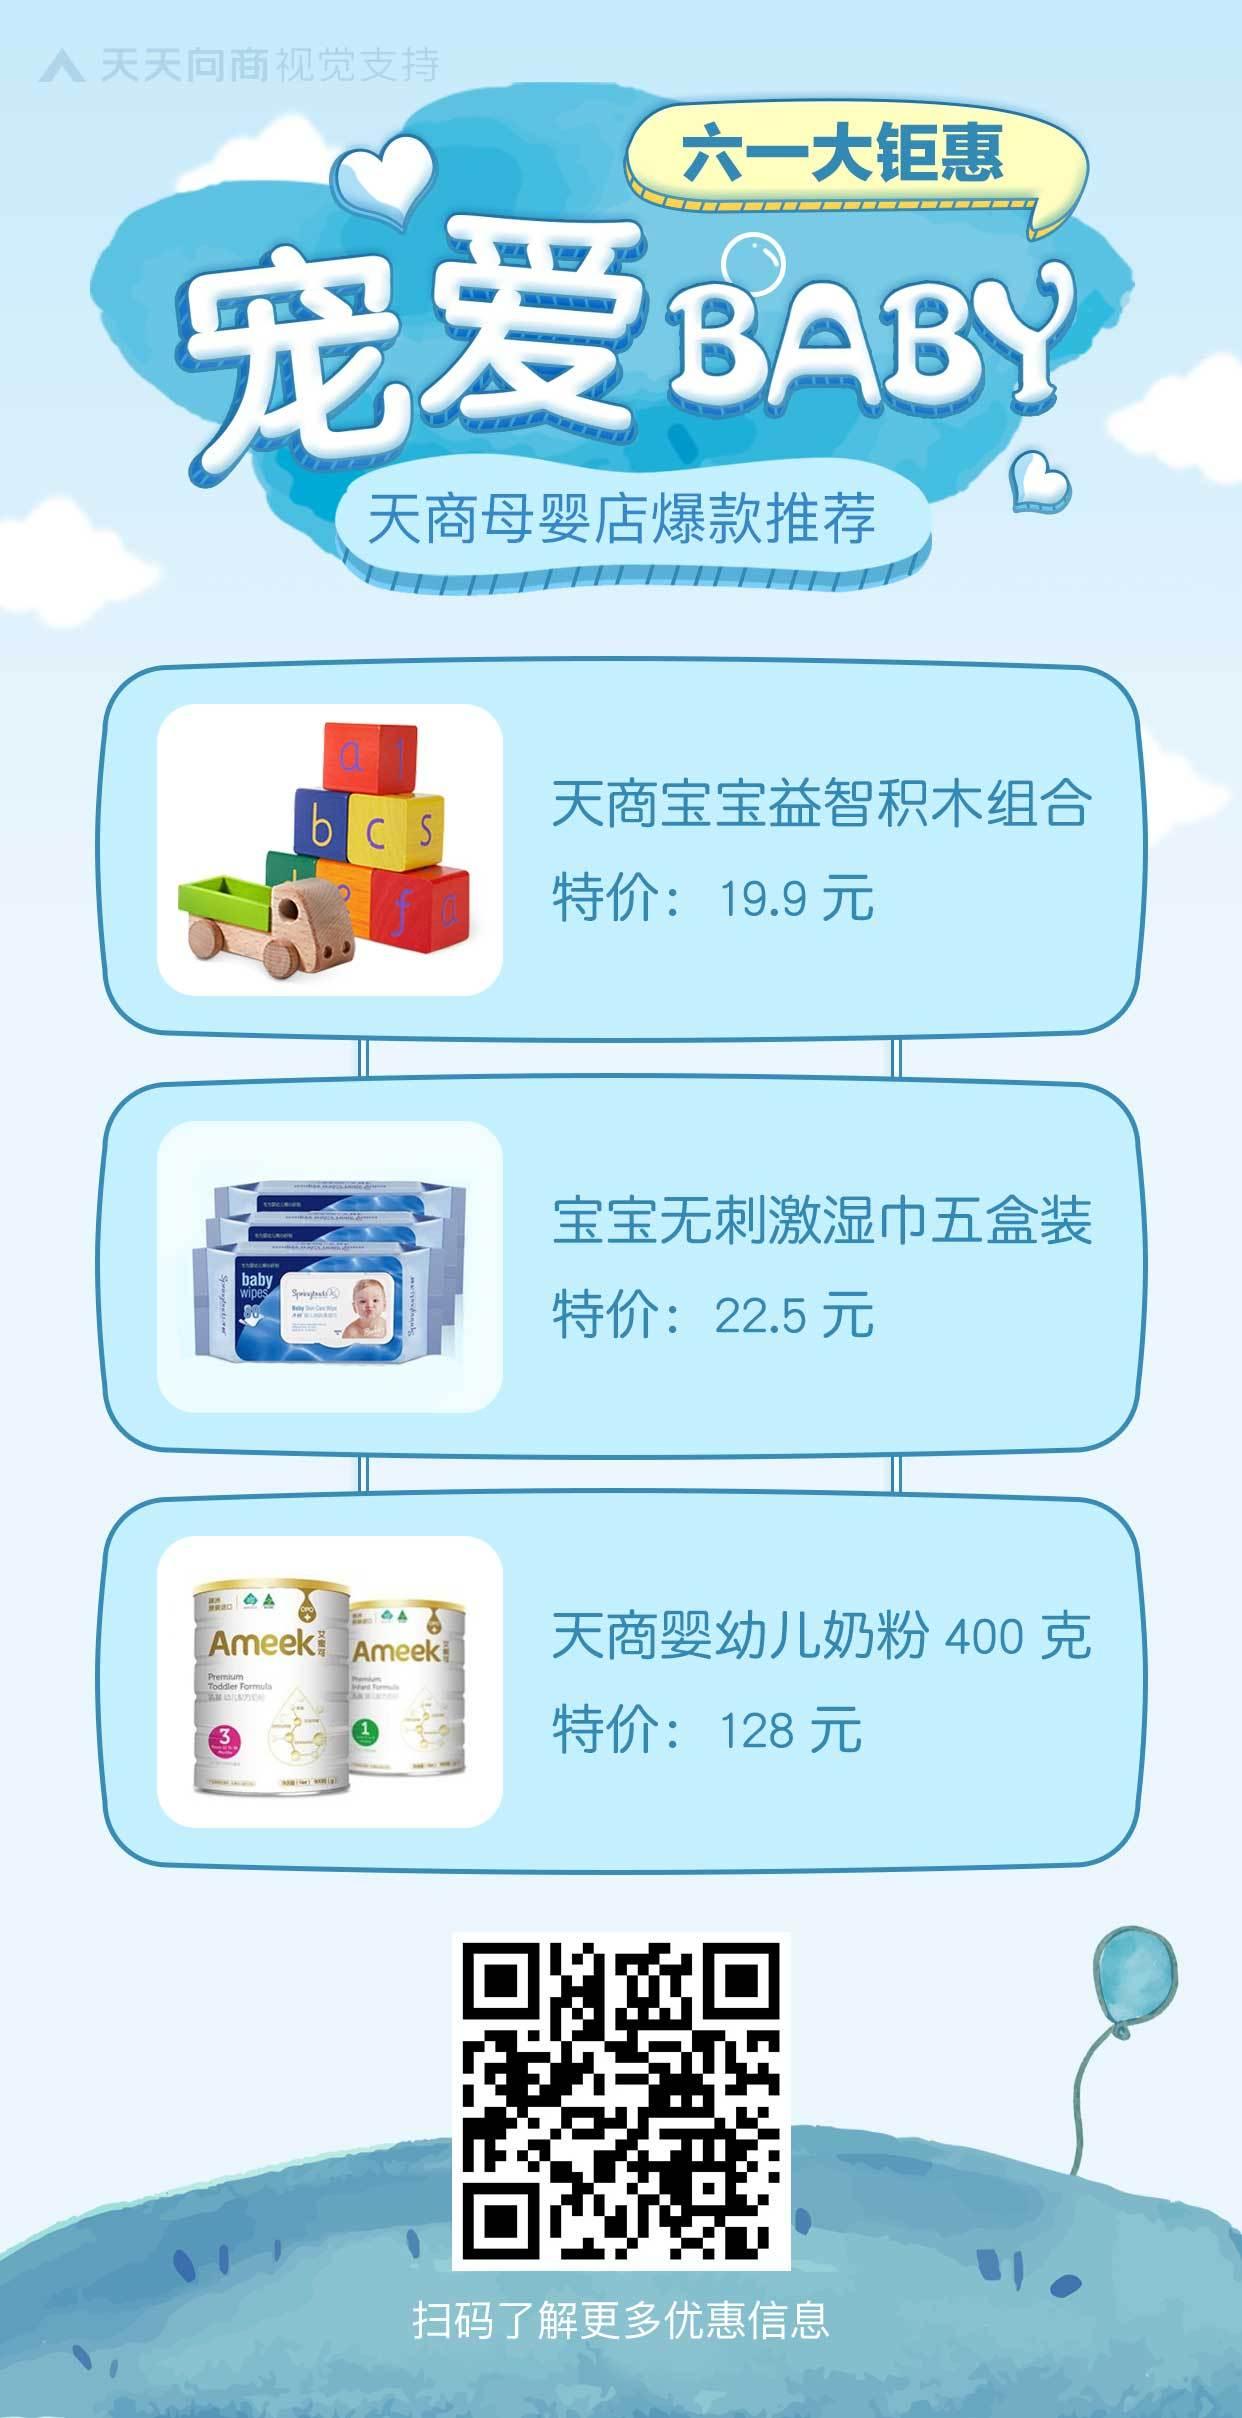 61儿童节宠爱Baby爆款特价促销